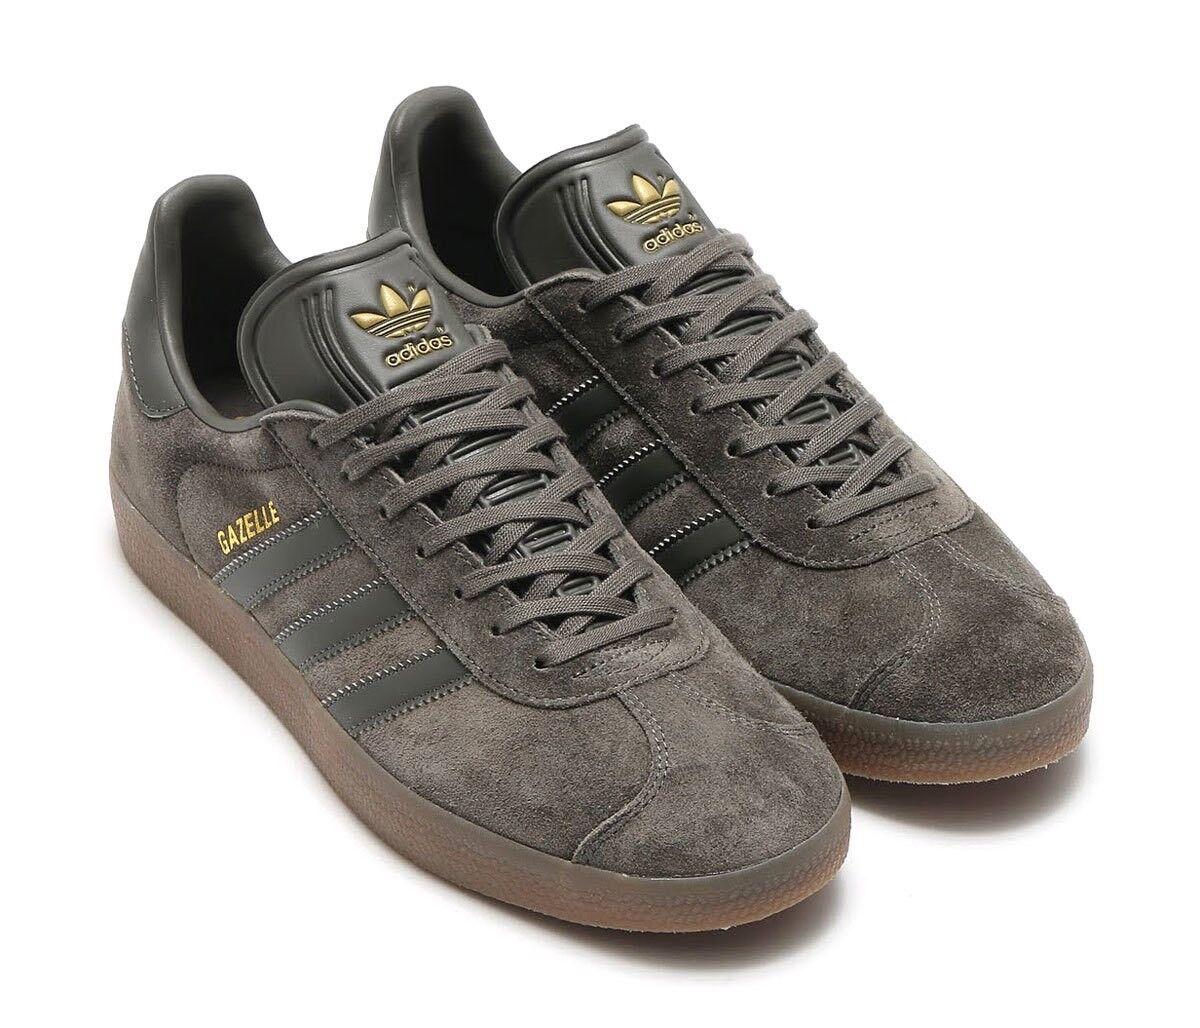 the latest dd6b3 fc0c4 Mens adidas Gazelle Utility Grey Gum Brown Bb2754 US 12 for sale online    eBay